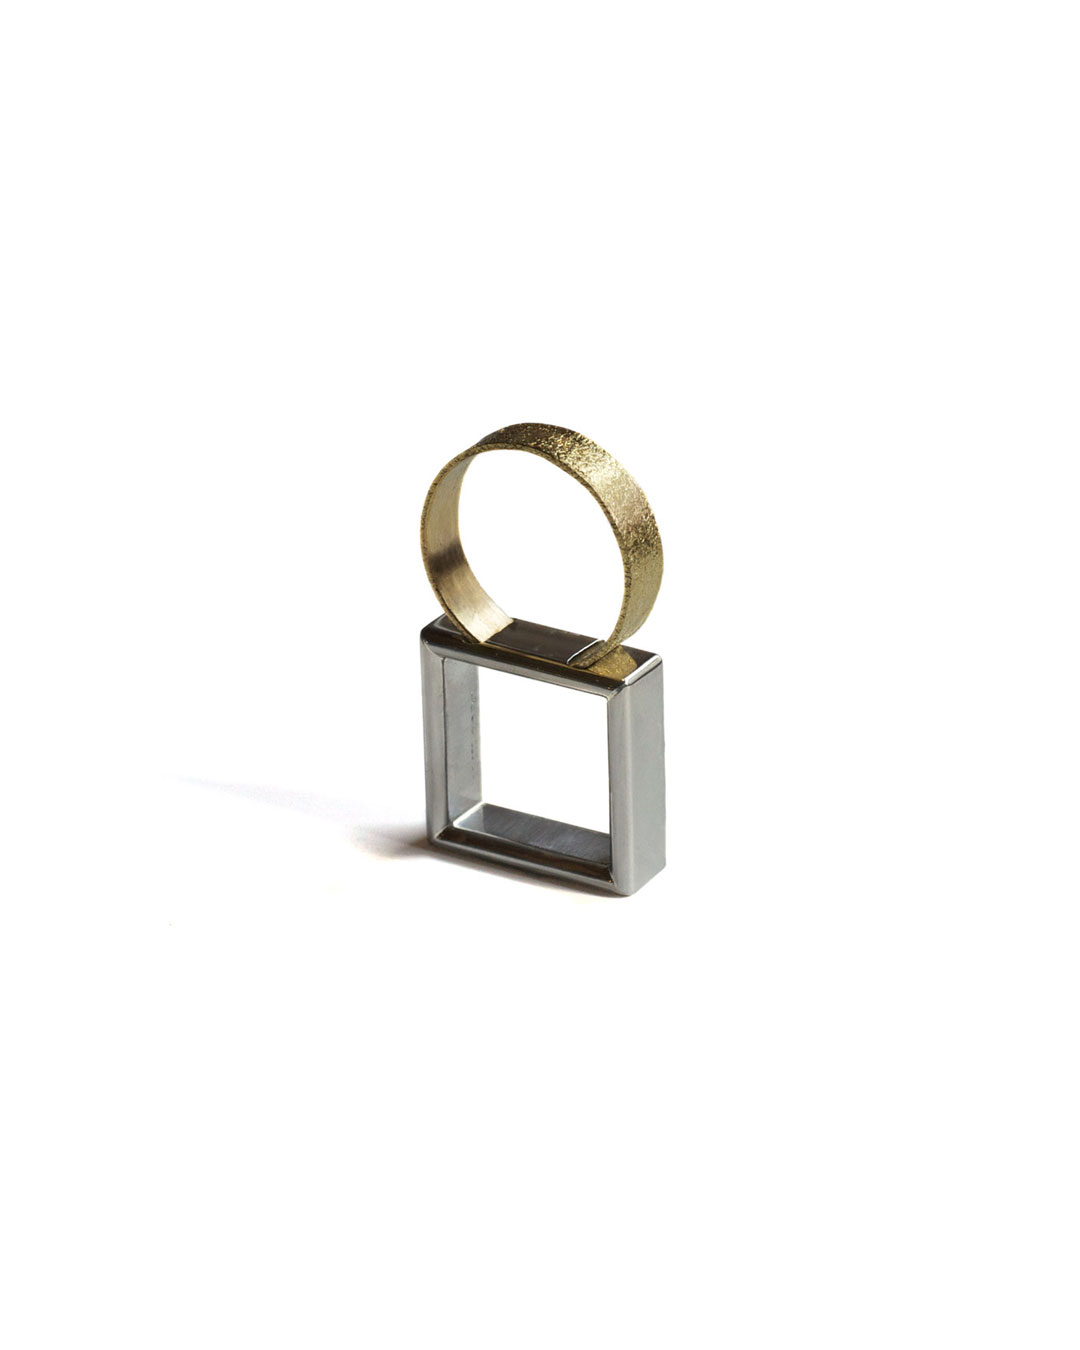 Okinari Kurokawa, untitled, 2013, ring; 20ct gold, stainless steel, 62 x 22 x 8 mm